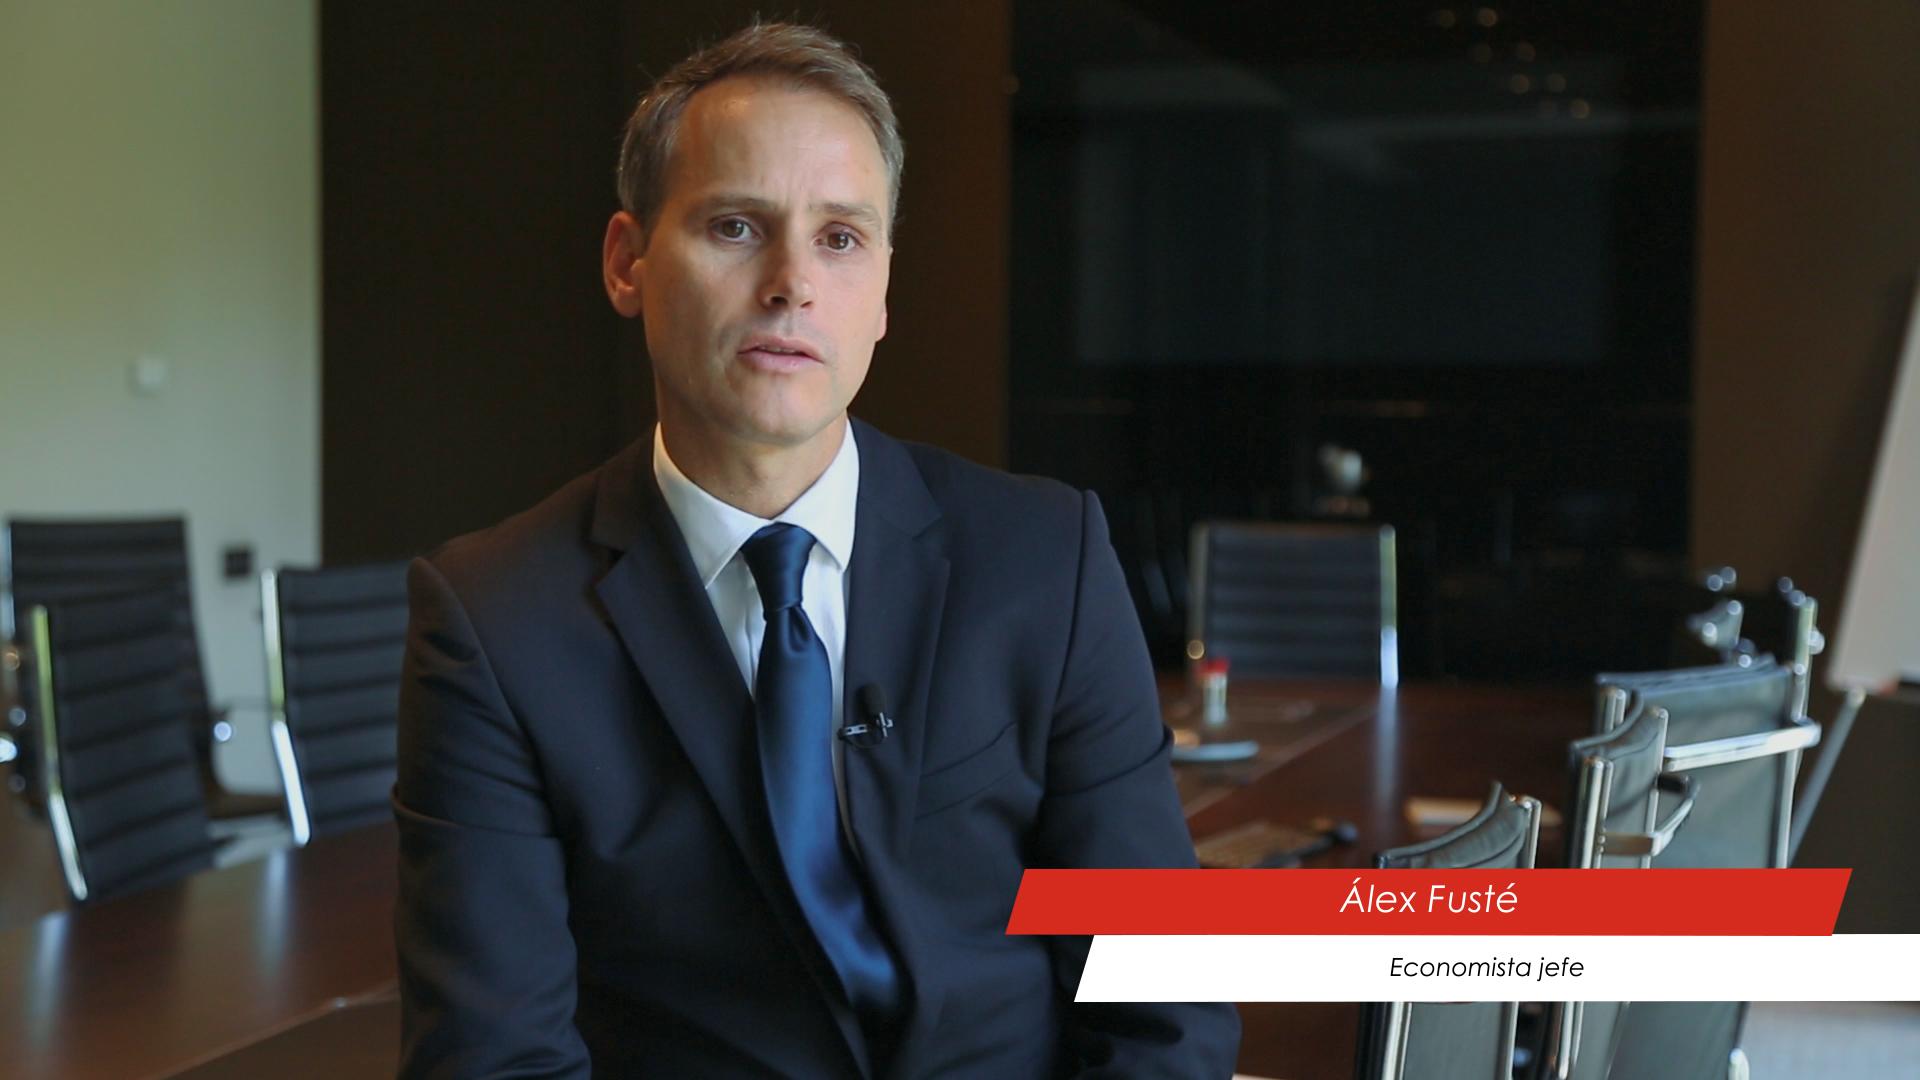 """Álex Fusté, economista jefe: """"Las Flash Notes sirven para calmar incertidumbres y nerviosismos"""""""